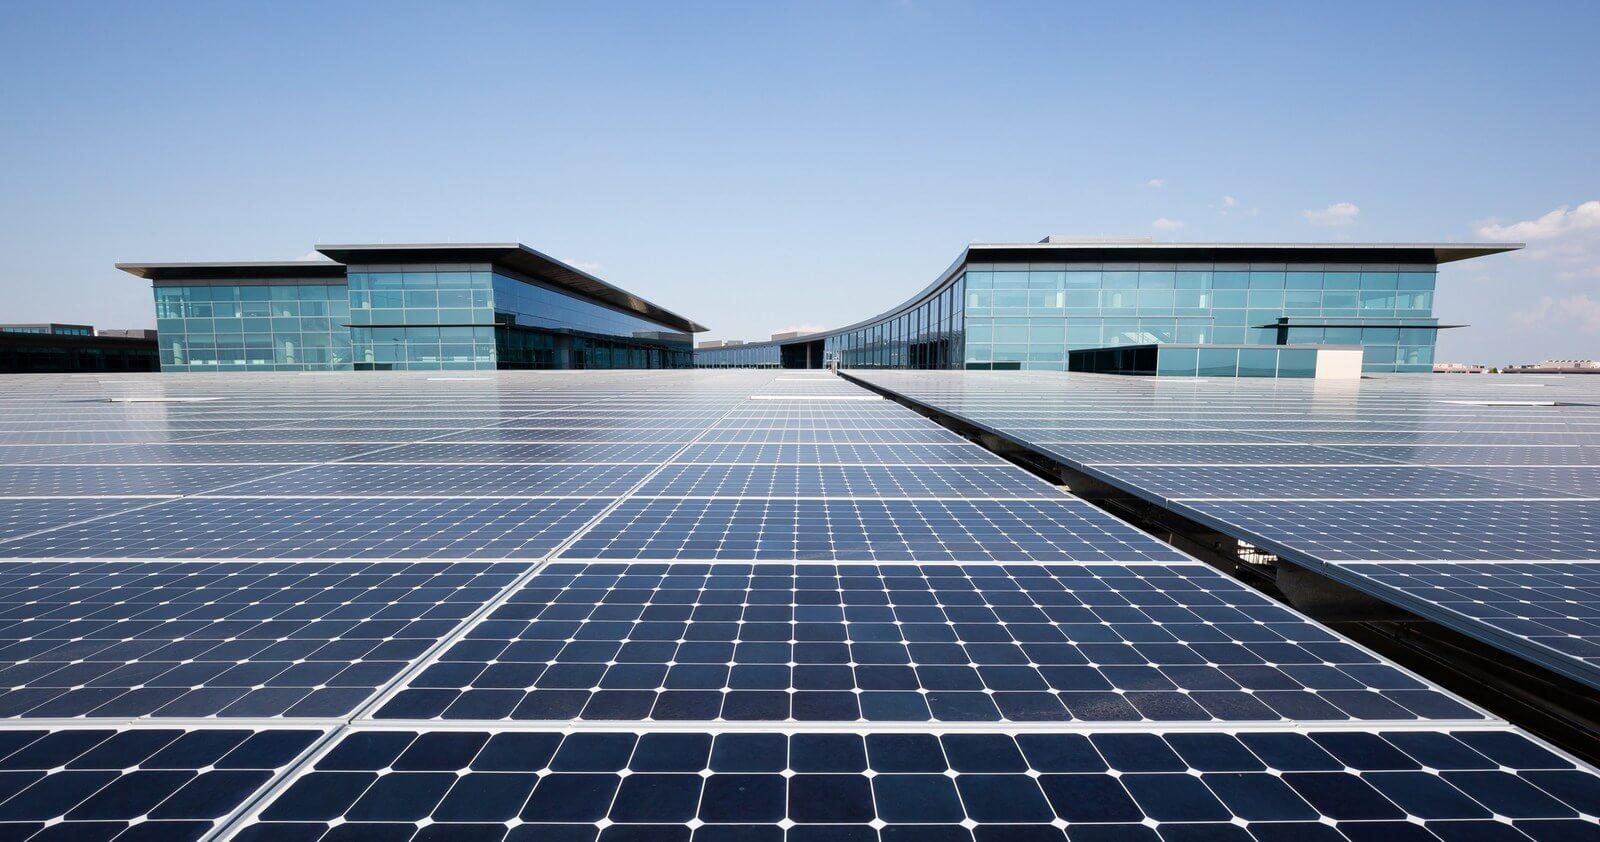 negawatt-unita-misura-risparmio-energetico